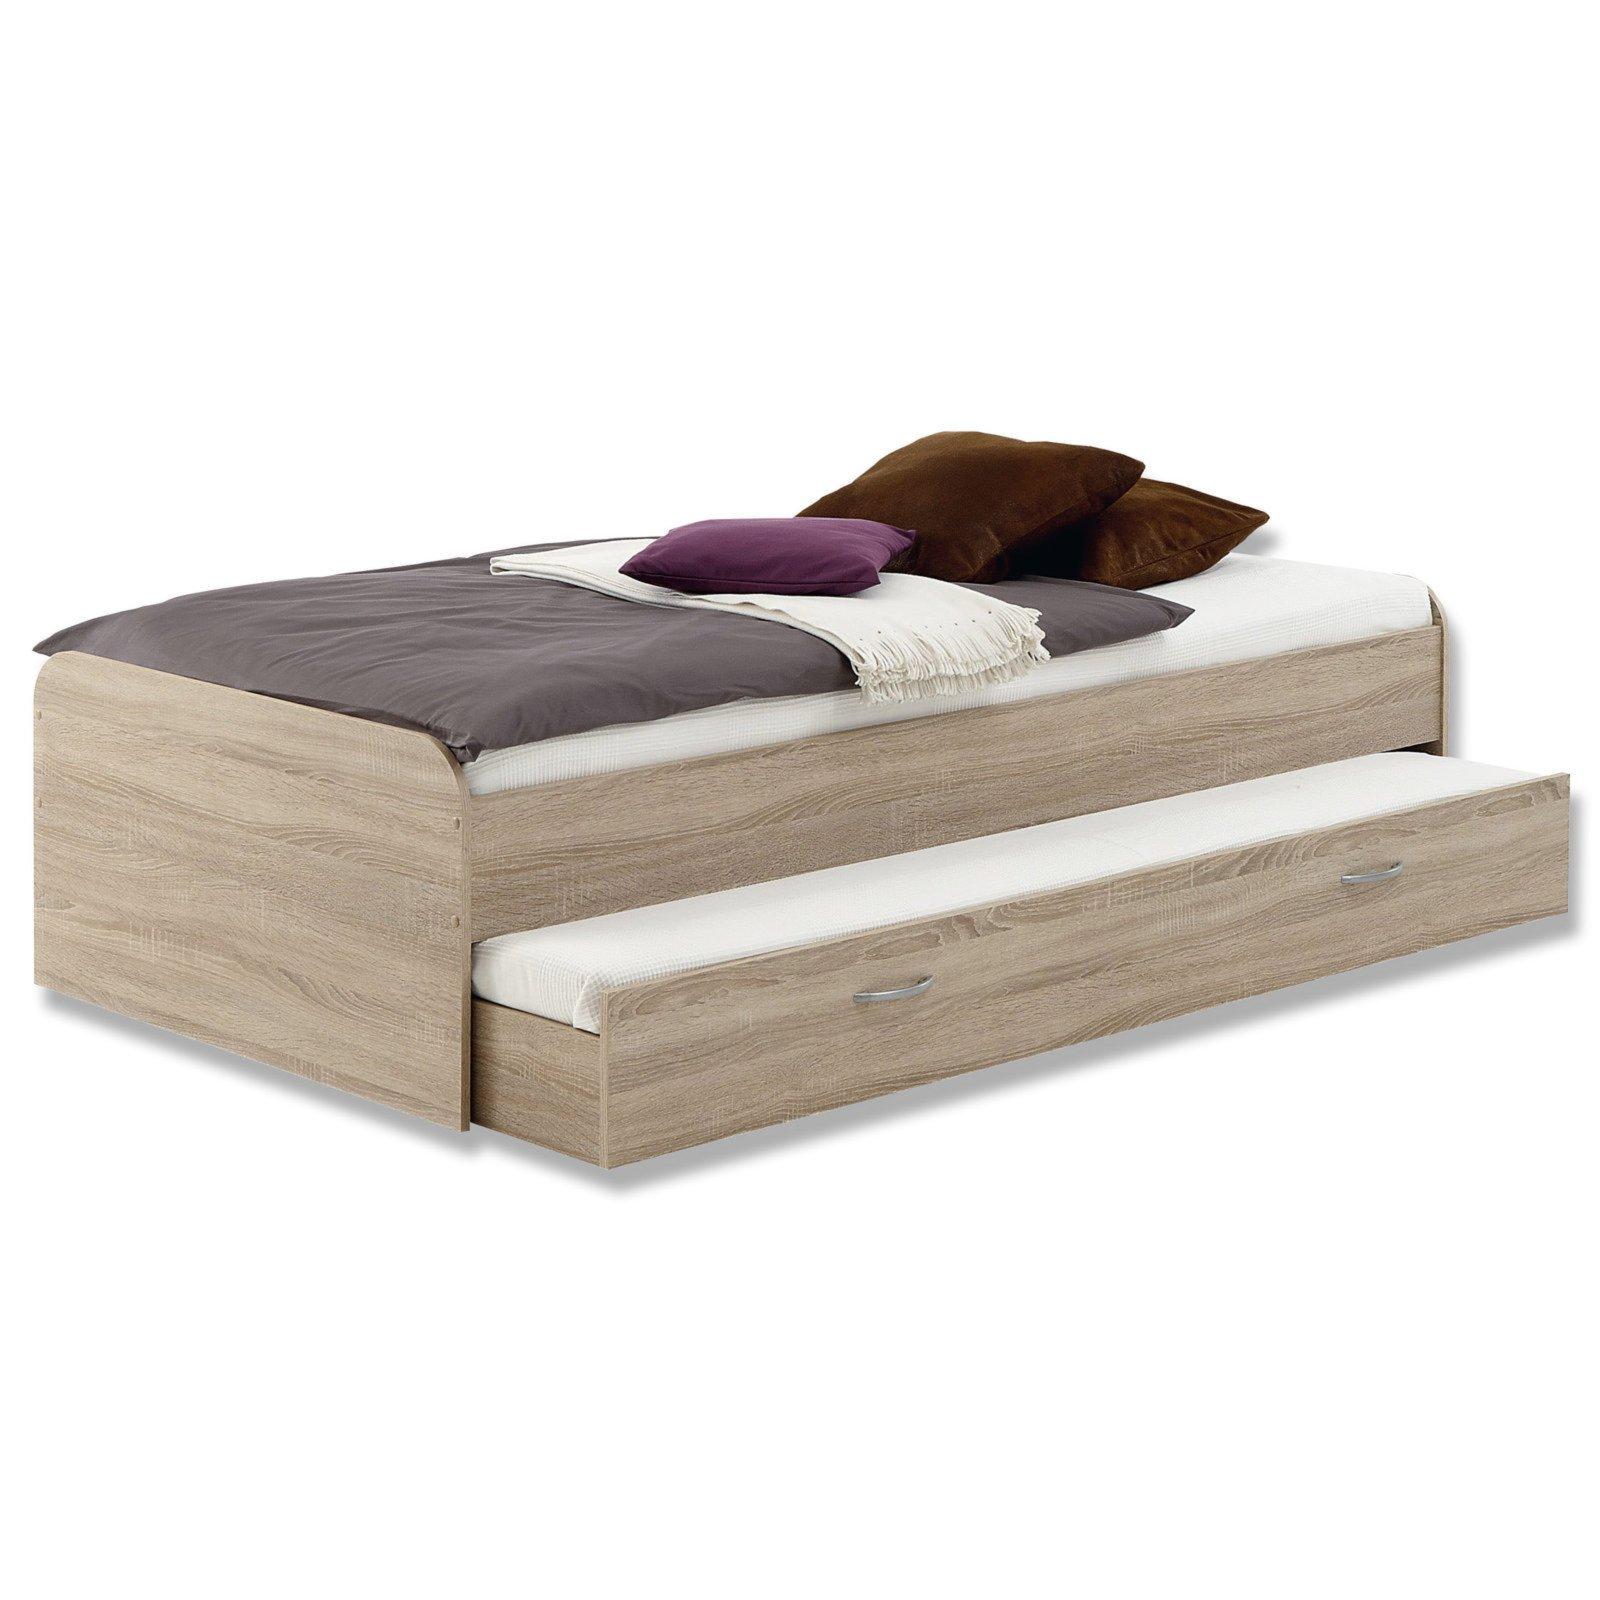 Malerisch Betten Im Angebot Sammlung Von Bett Pedro 4 - Sonoma Eiche -